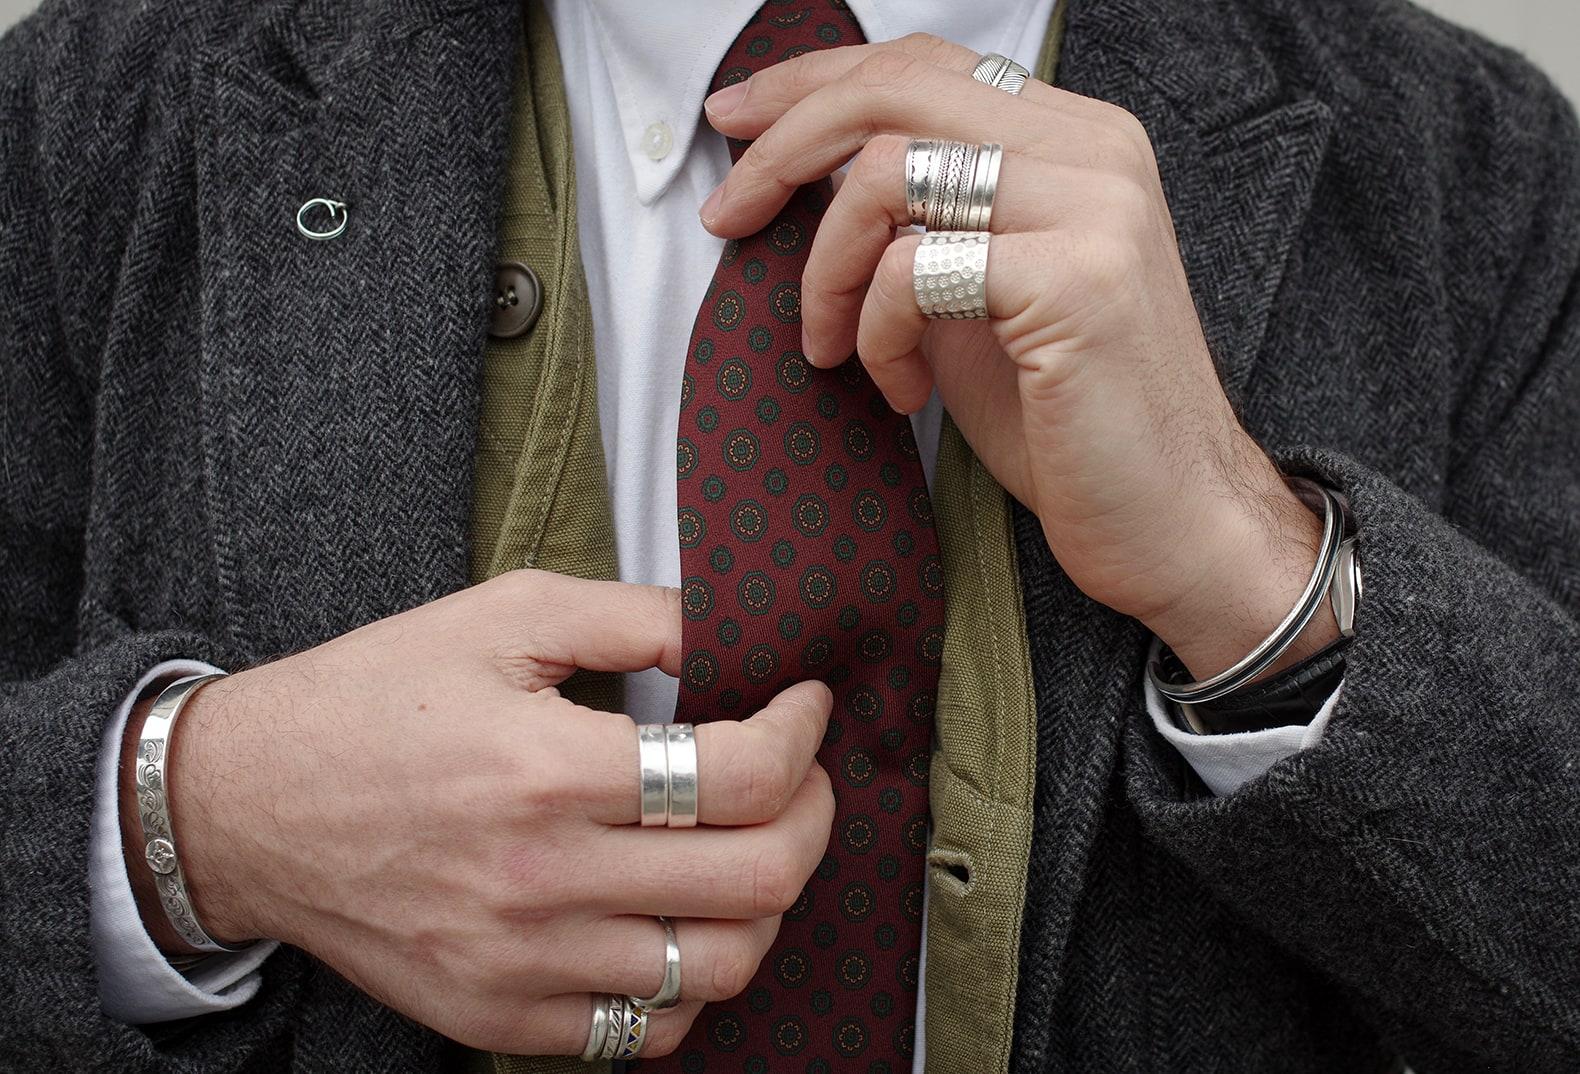 cravate dare in paris en soie et faite à la main dans un atelier parisien